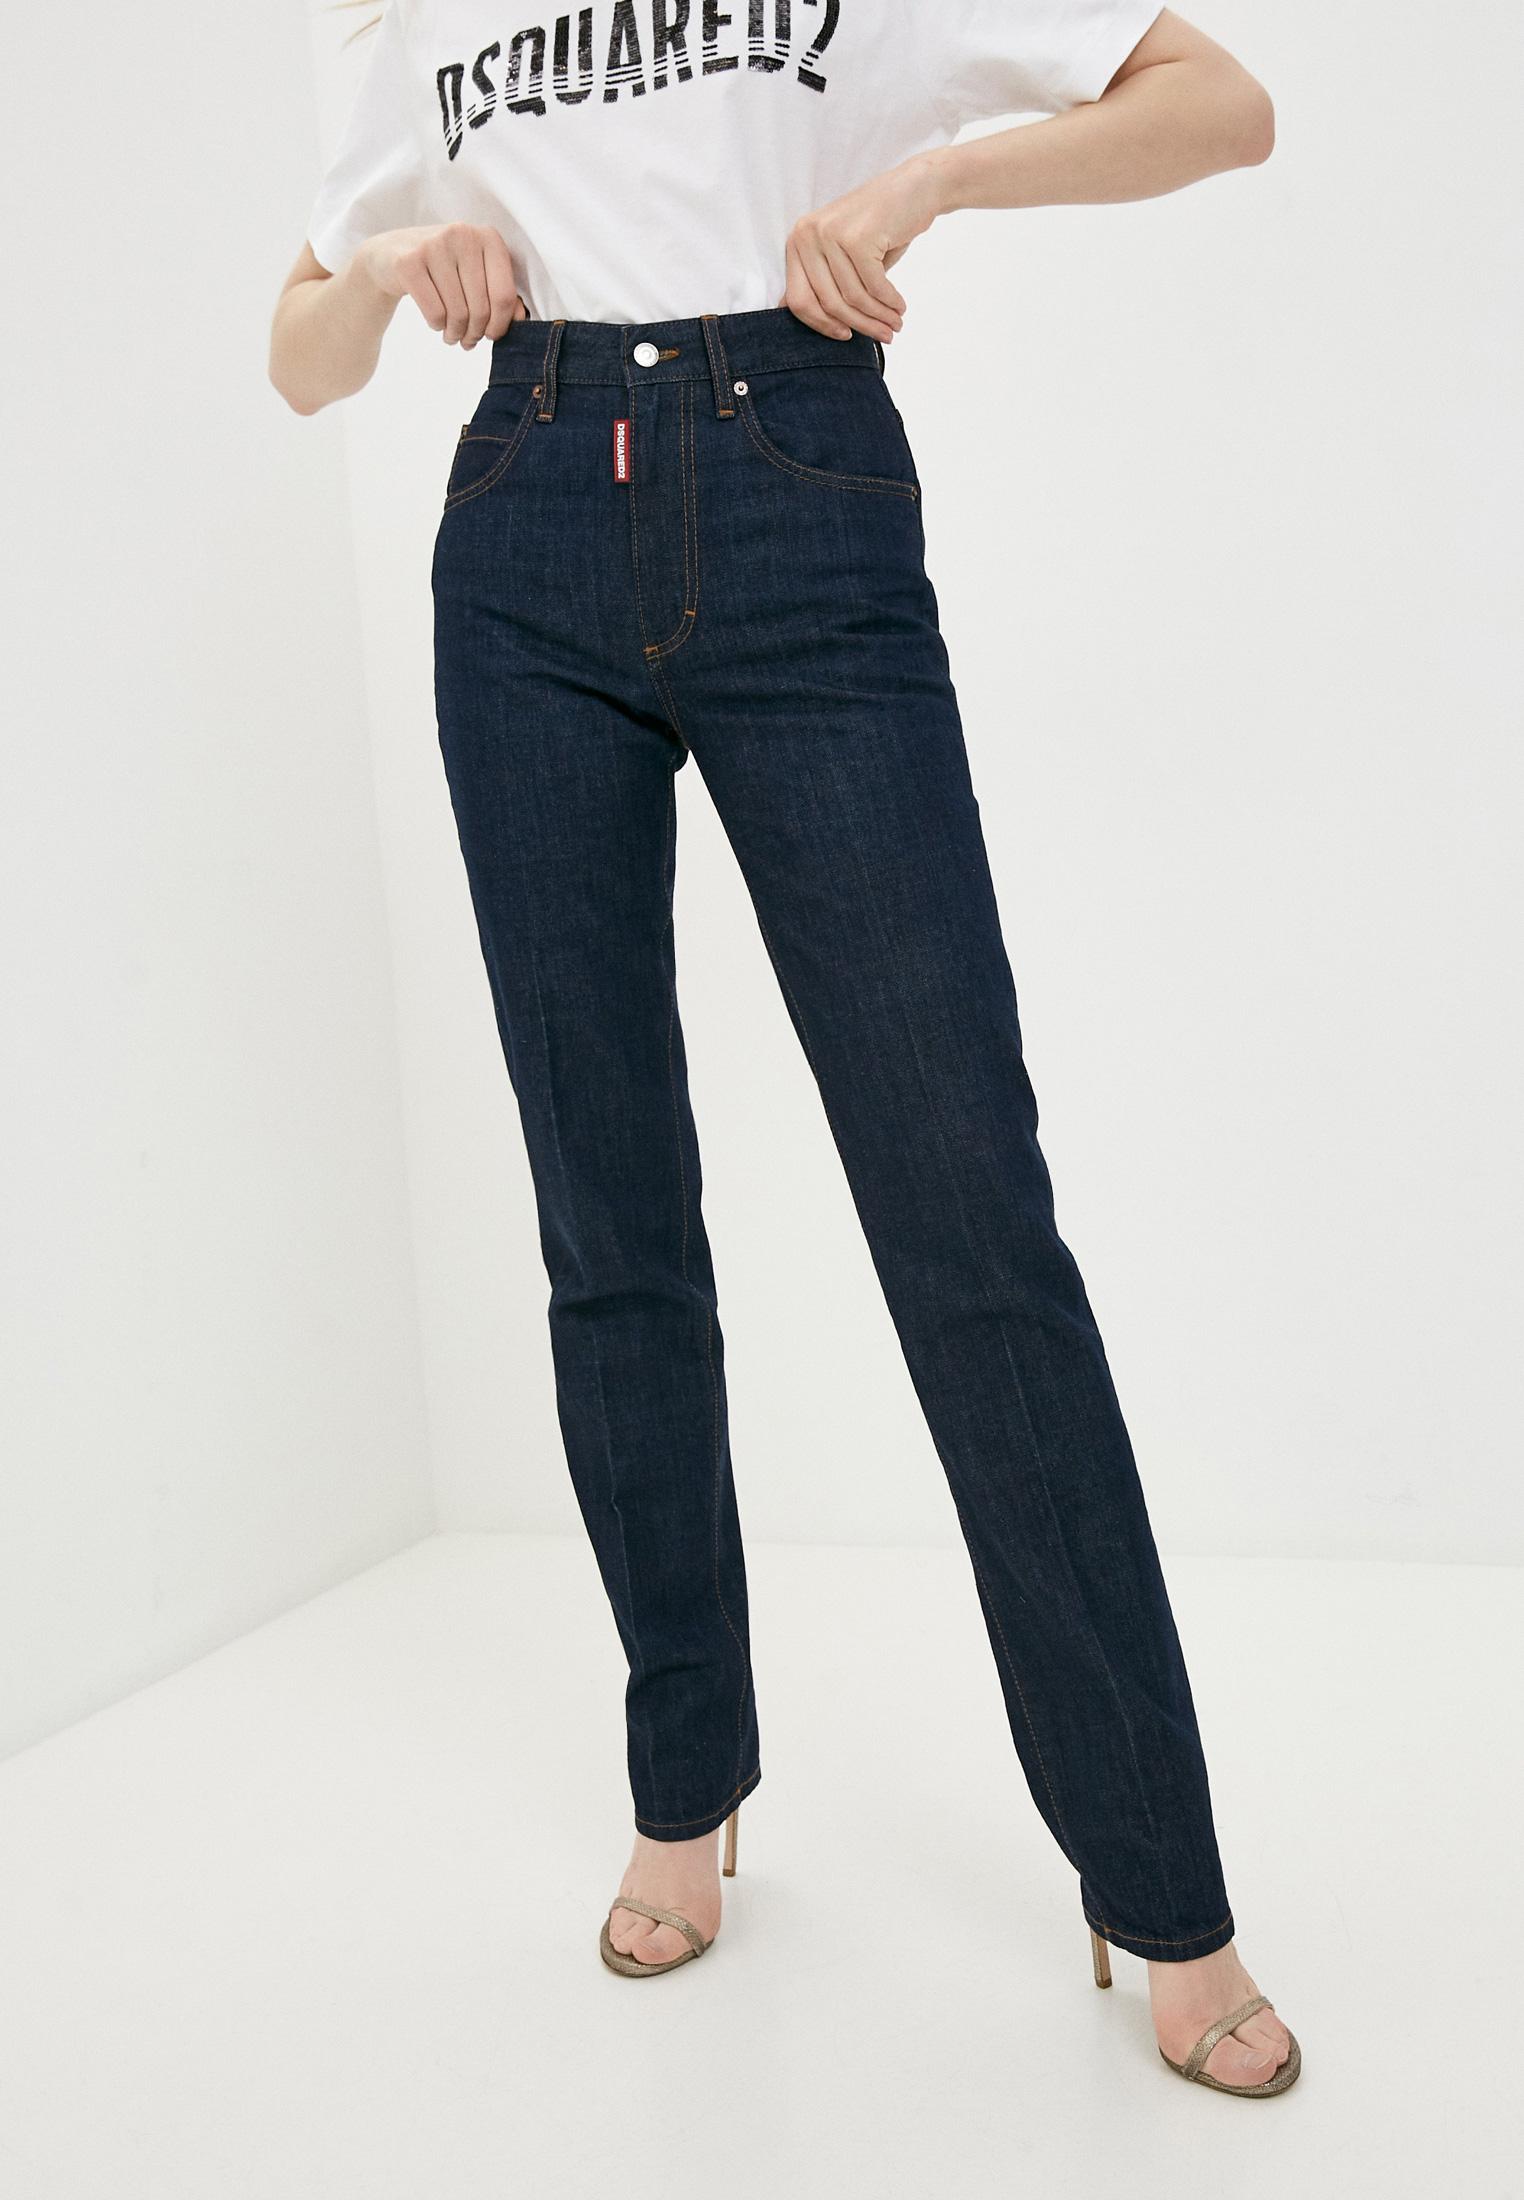 Прямые джинсы Dsquared2 Джинсы Dsquared2